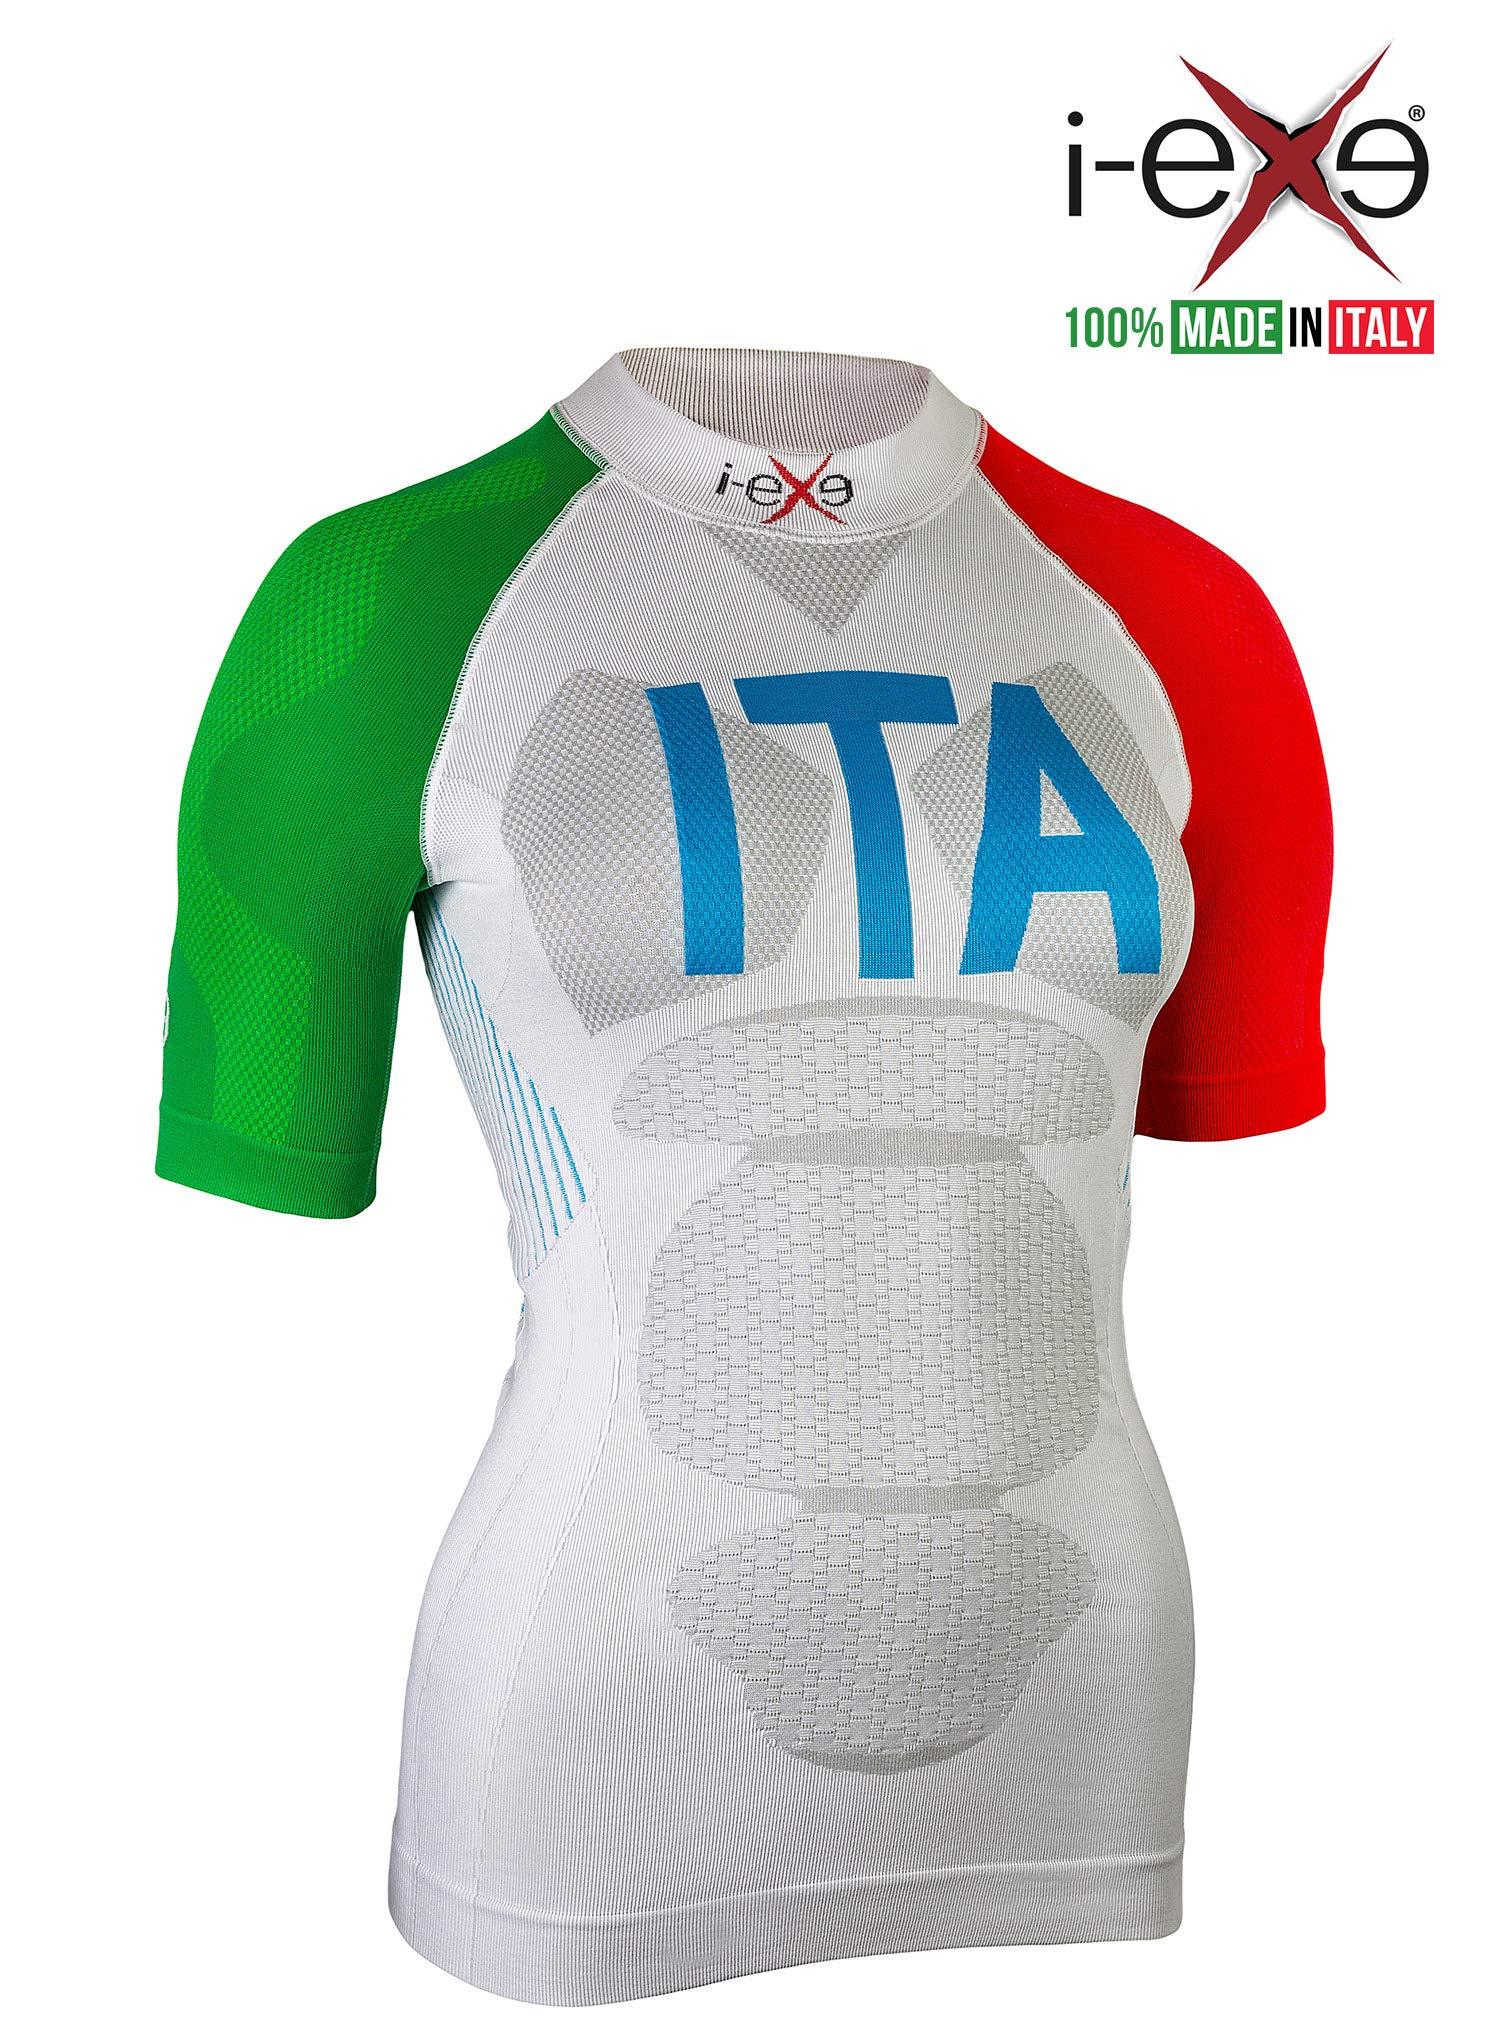 I-EXE Womens Compr Shirt CLR: Italica, S to M